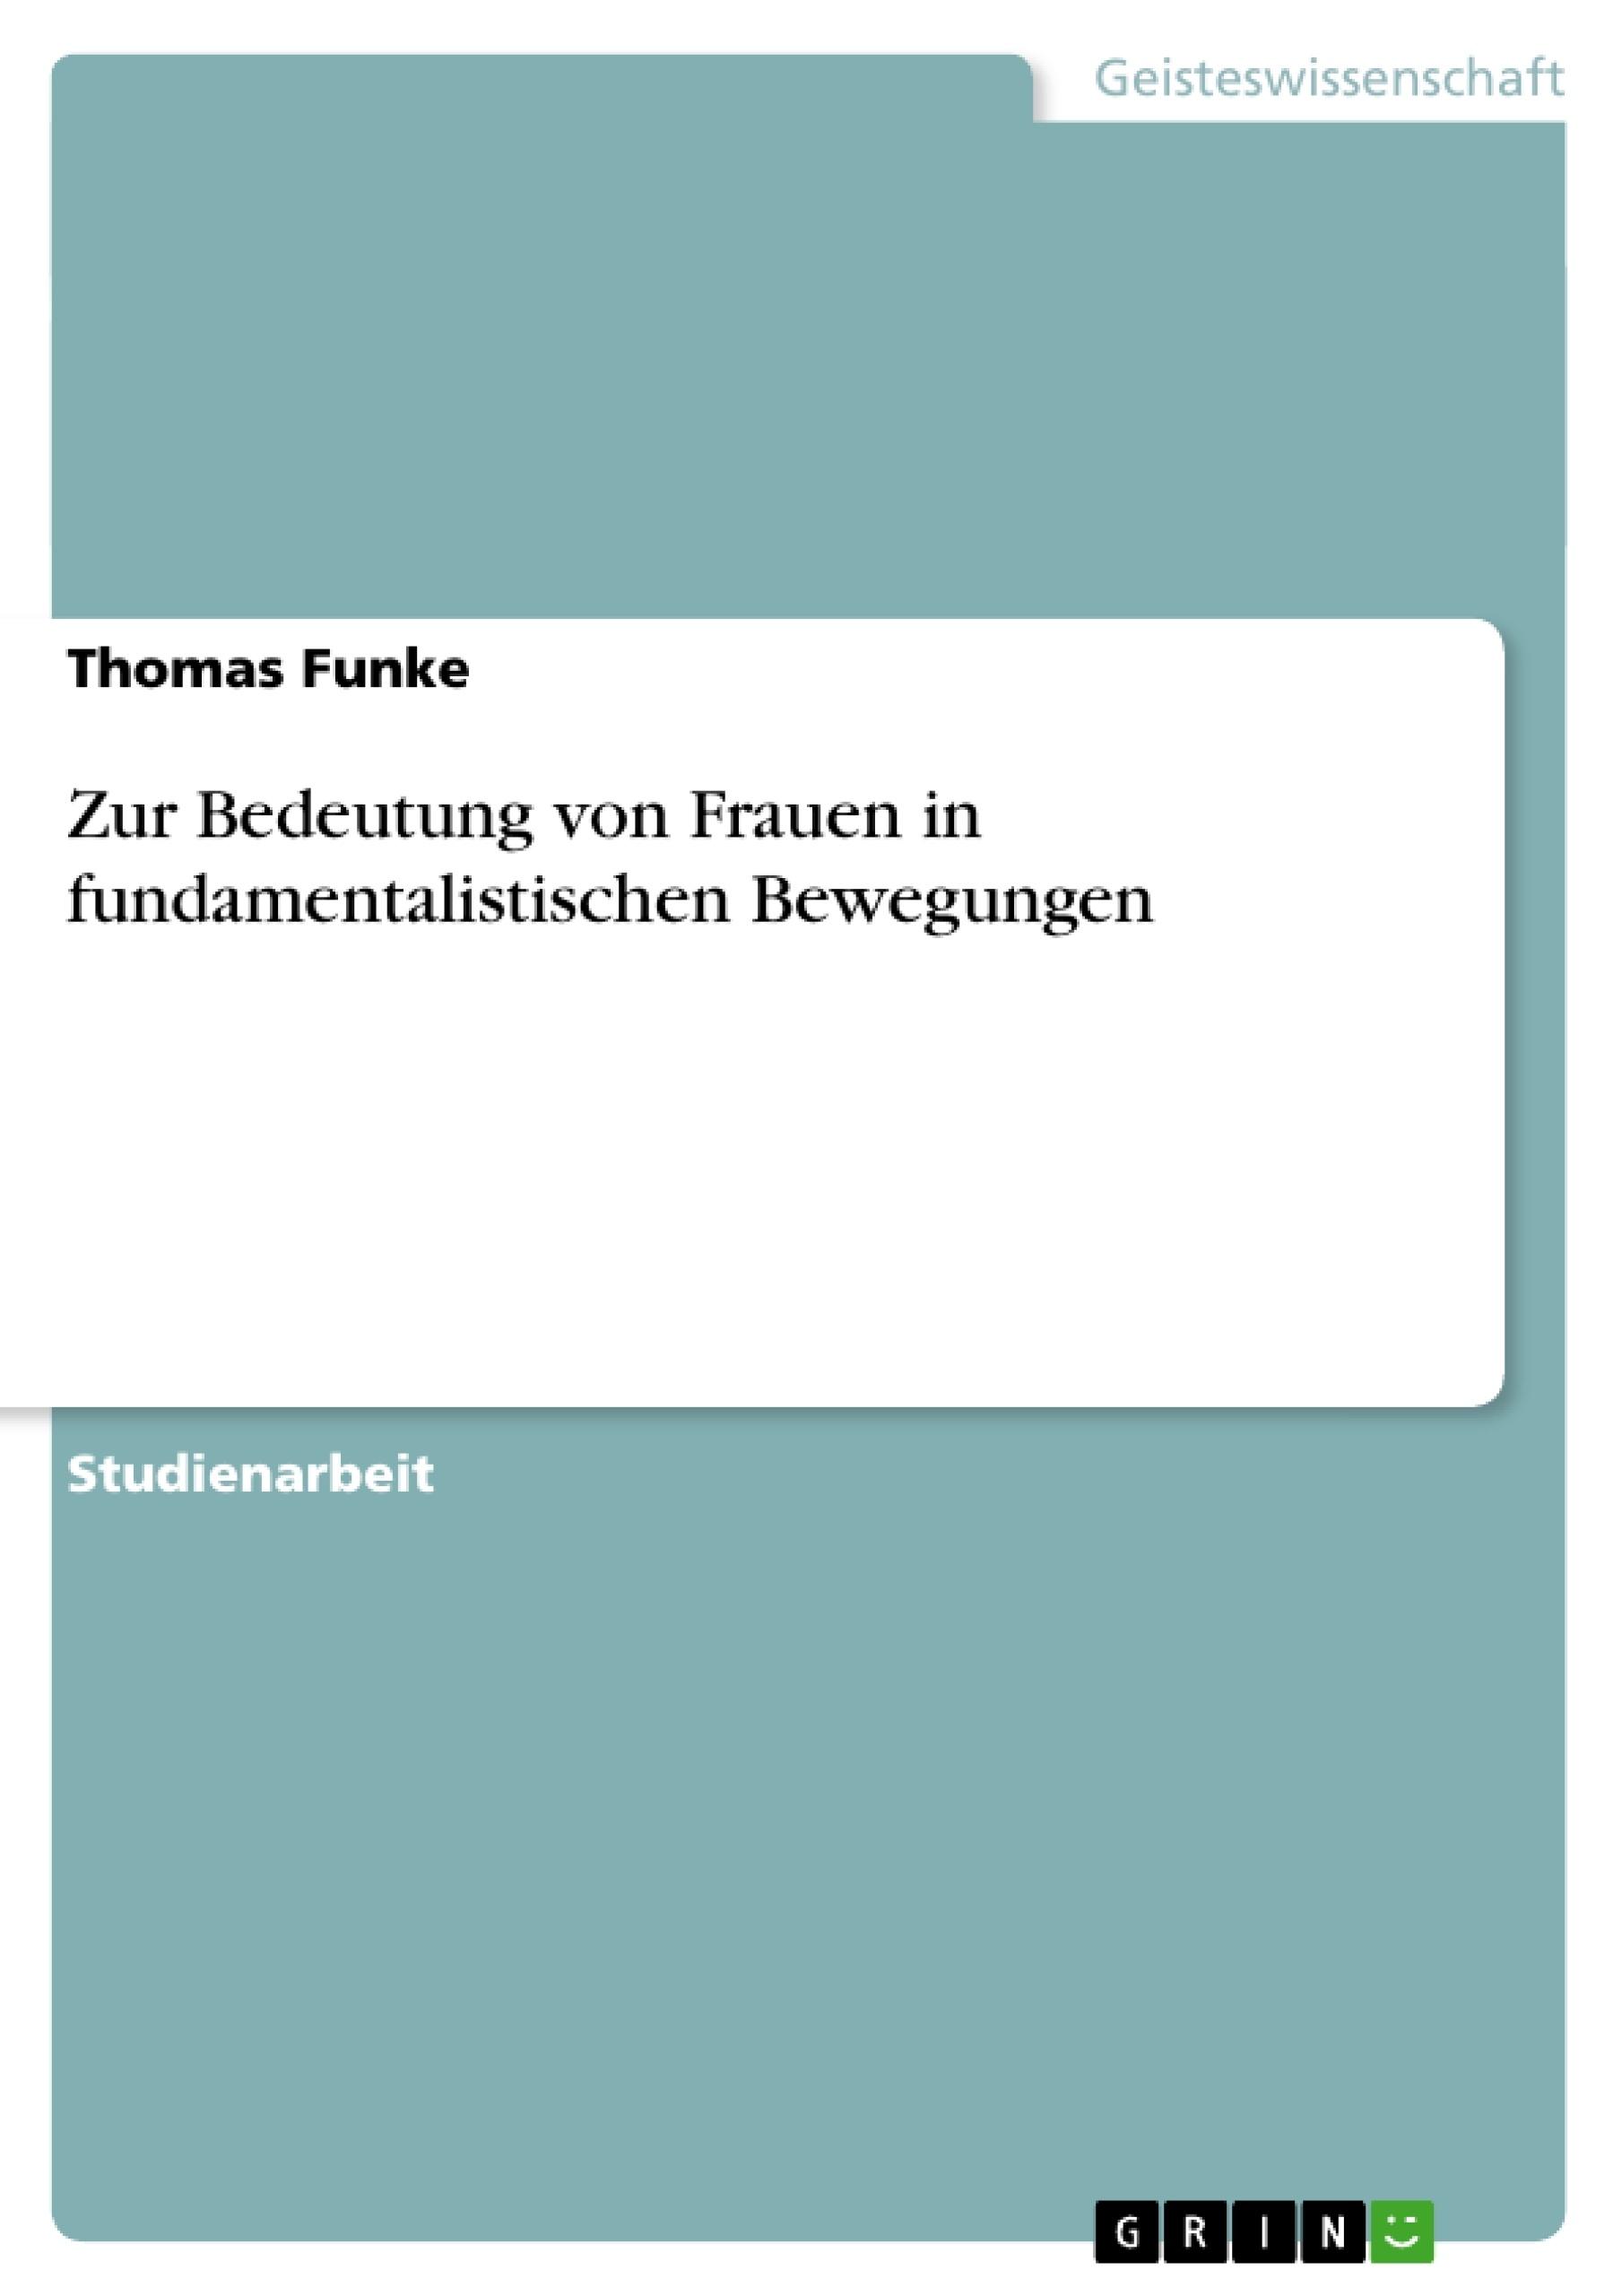 Titel: Zur Bedeutung von Frauen in fundamentalistischen Bewegungen